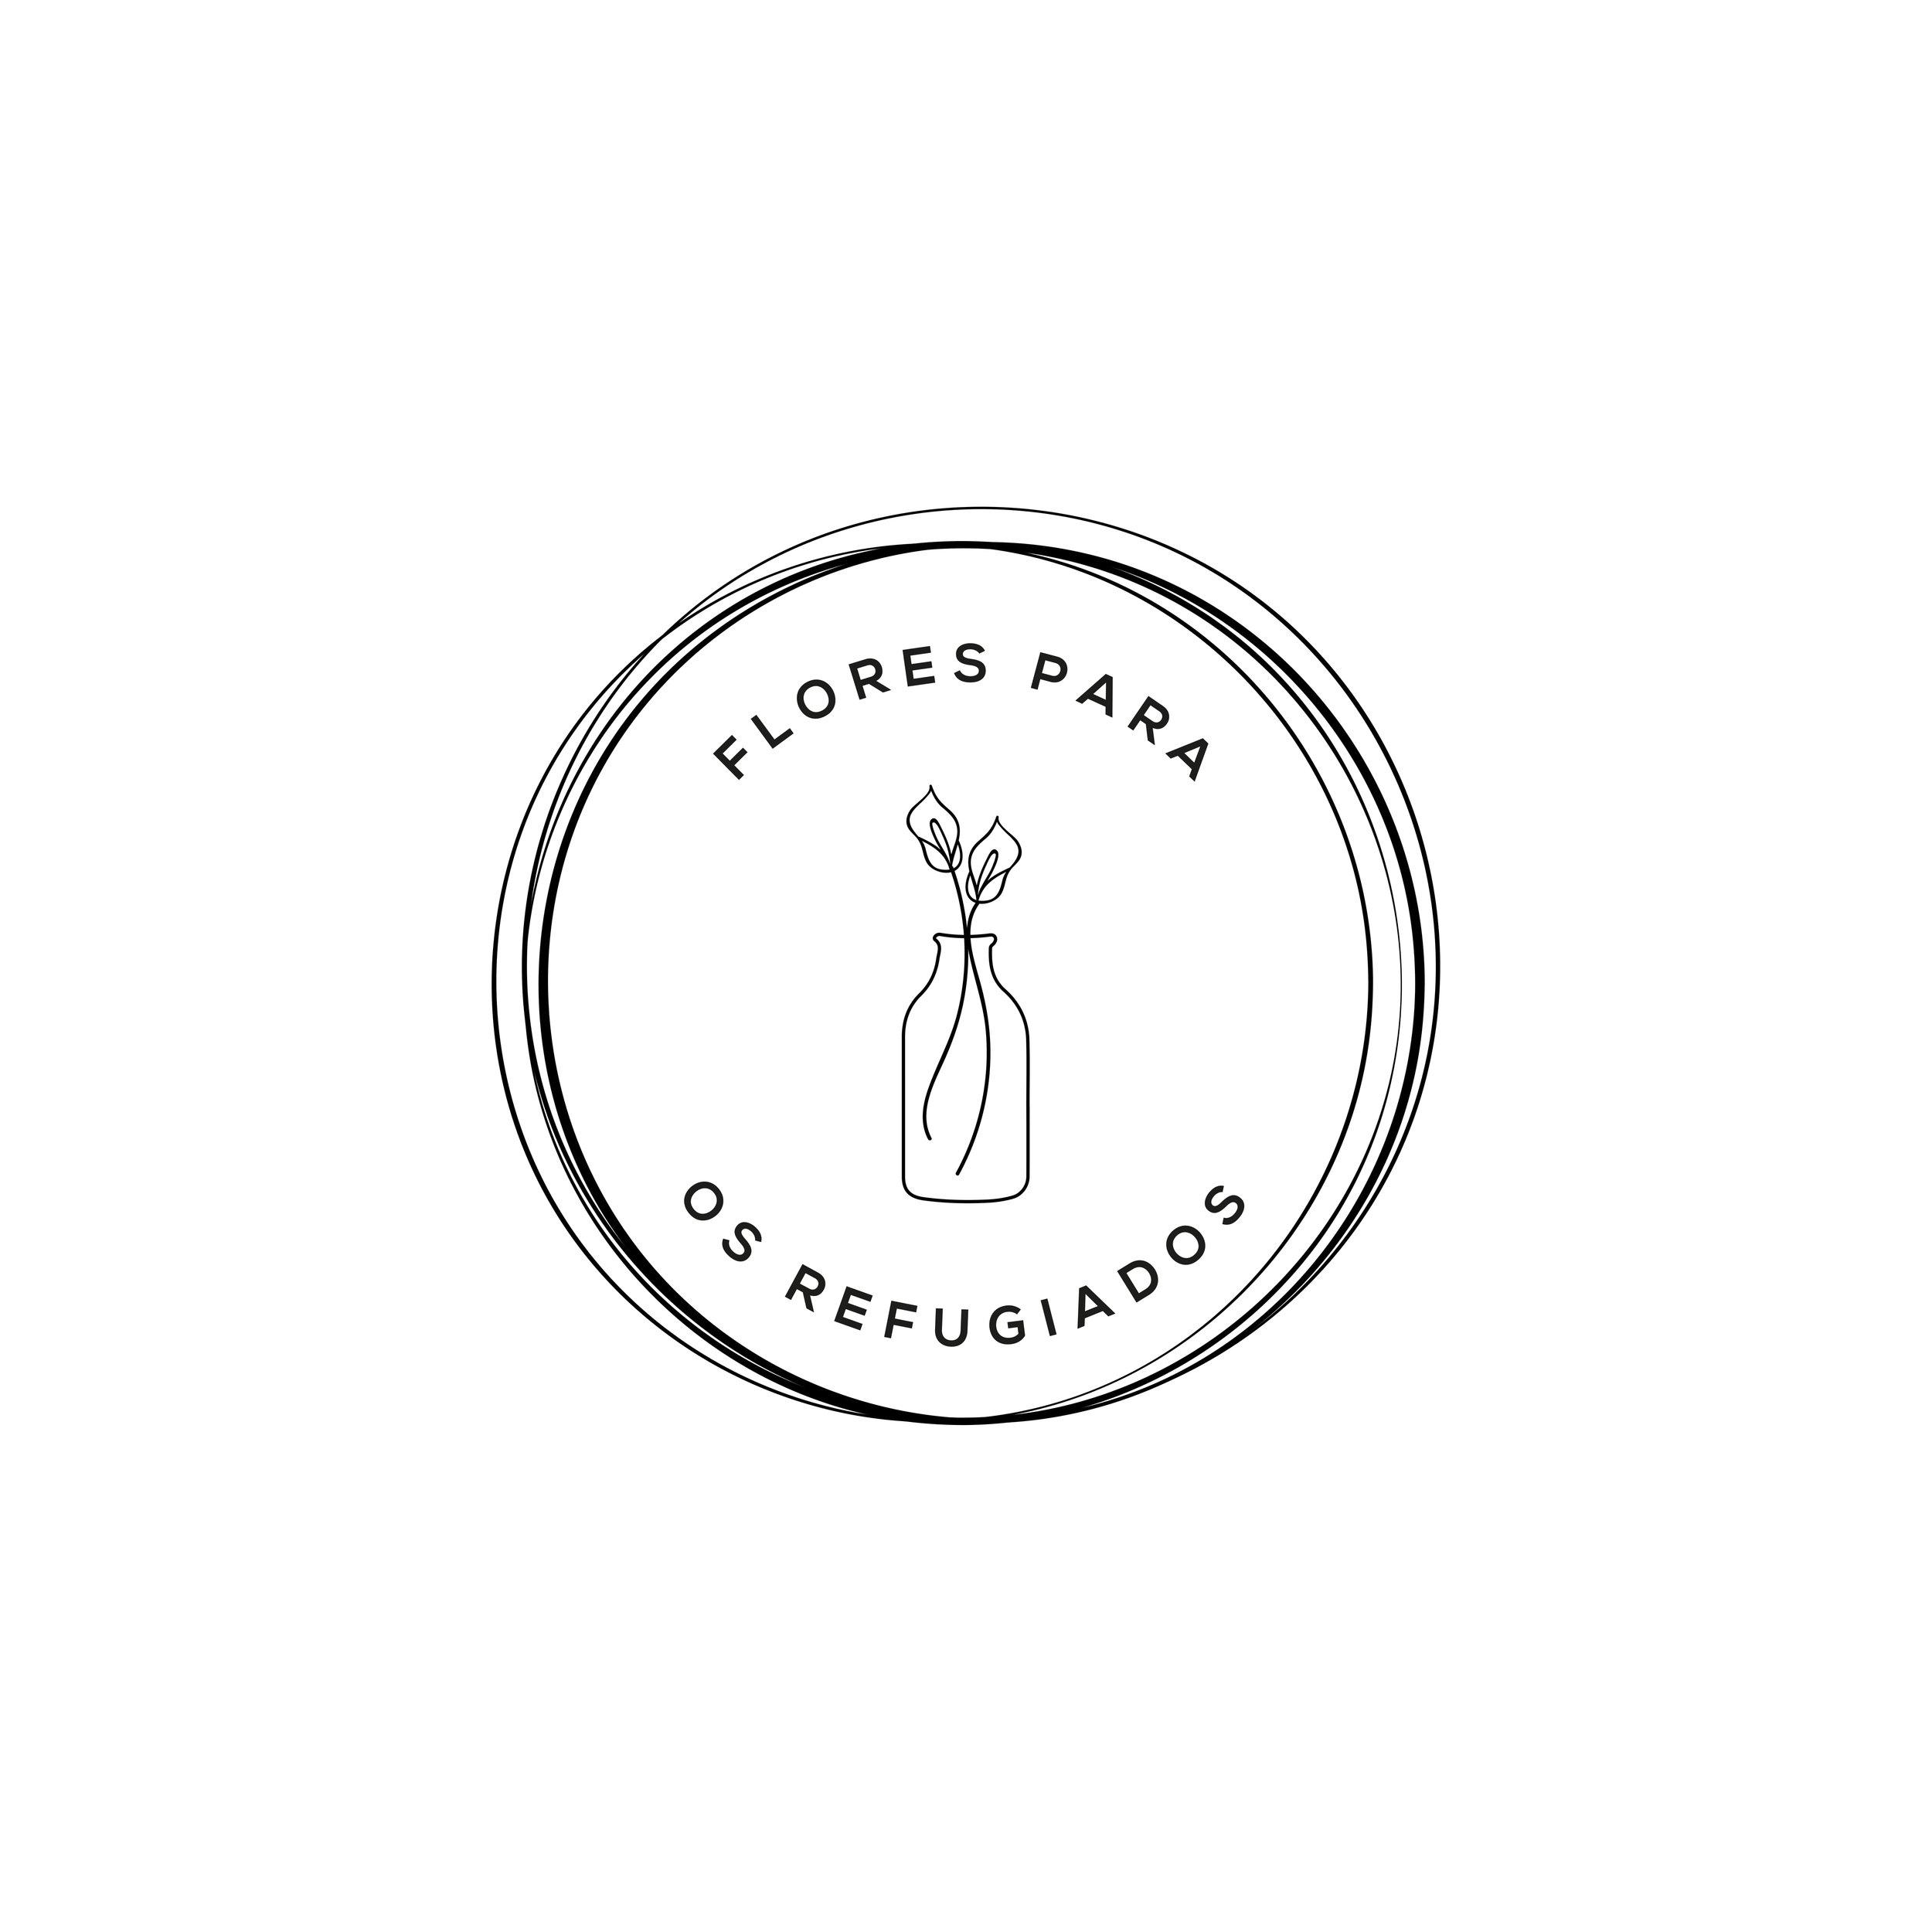 Flores para refugiados logo-1.jpg